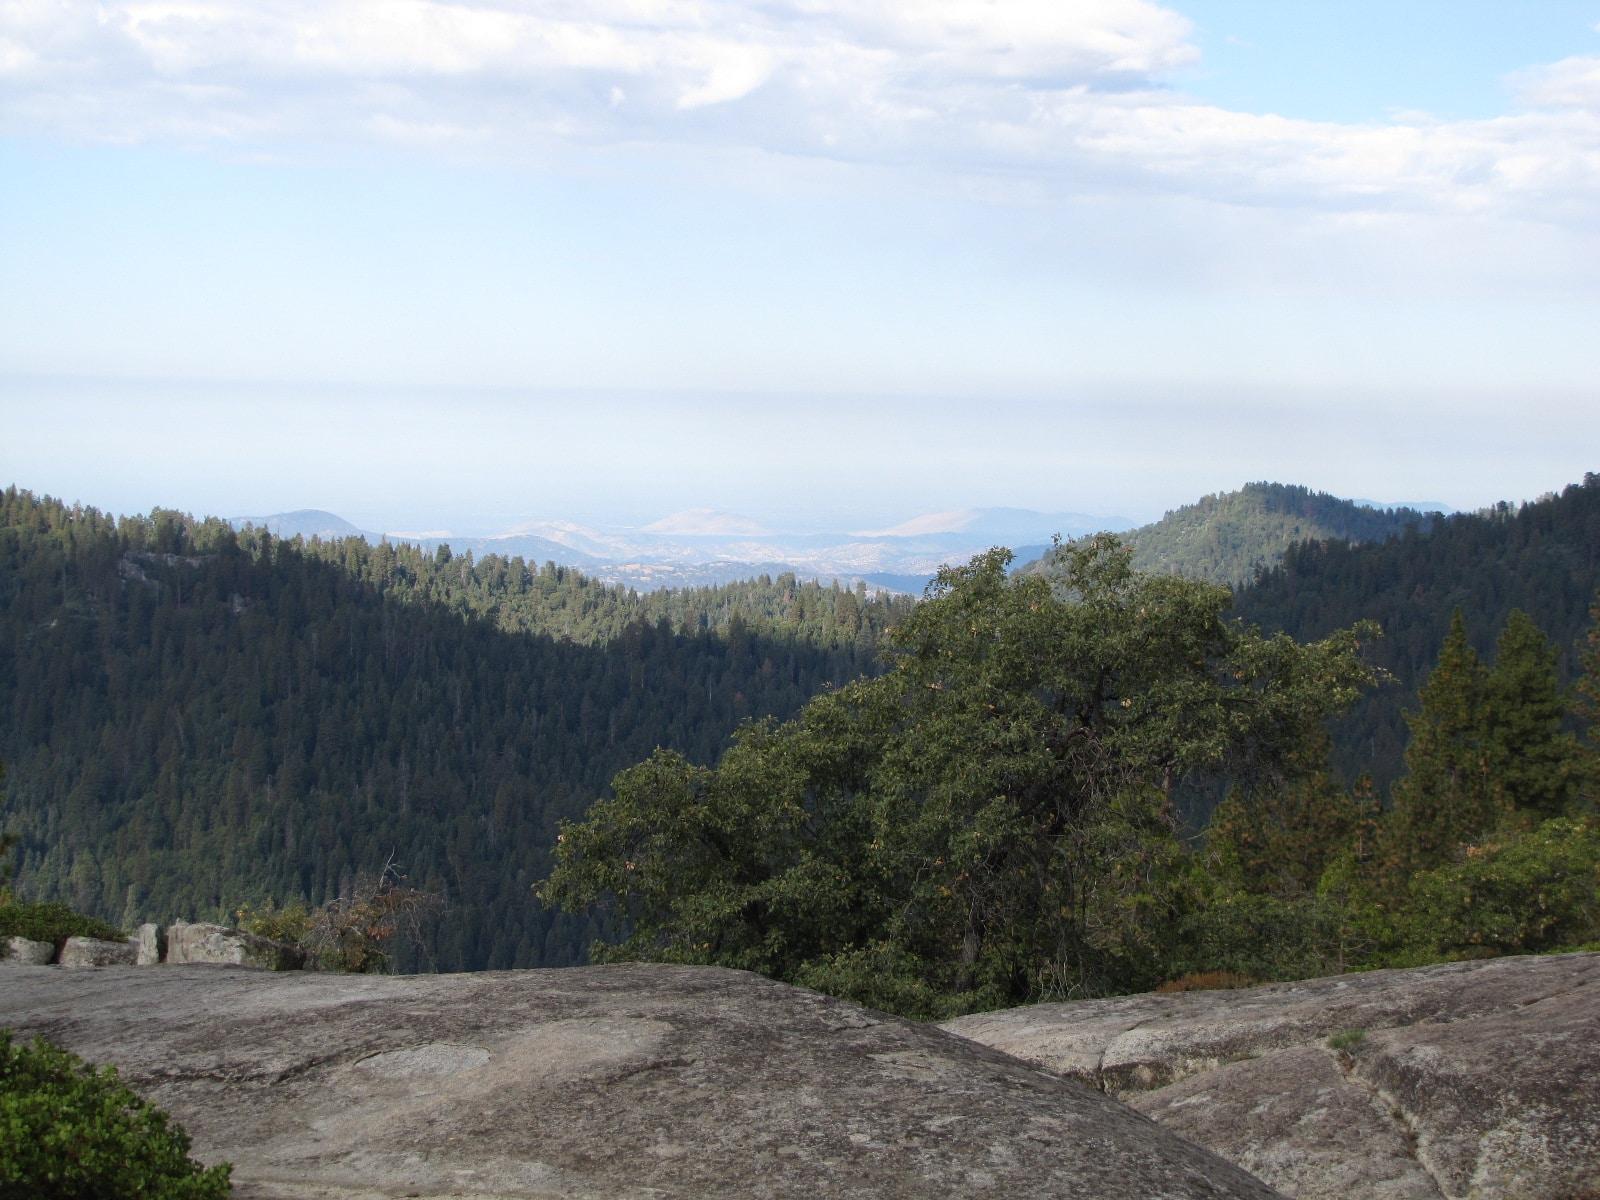 Vue depuis Beetle rock dans sequoia park